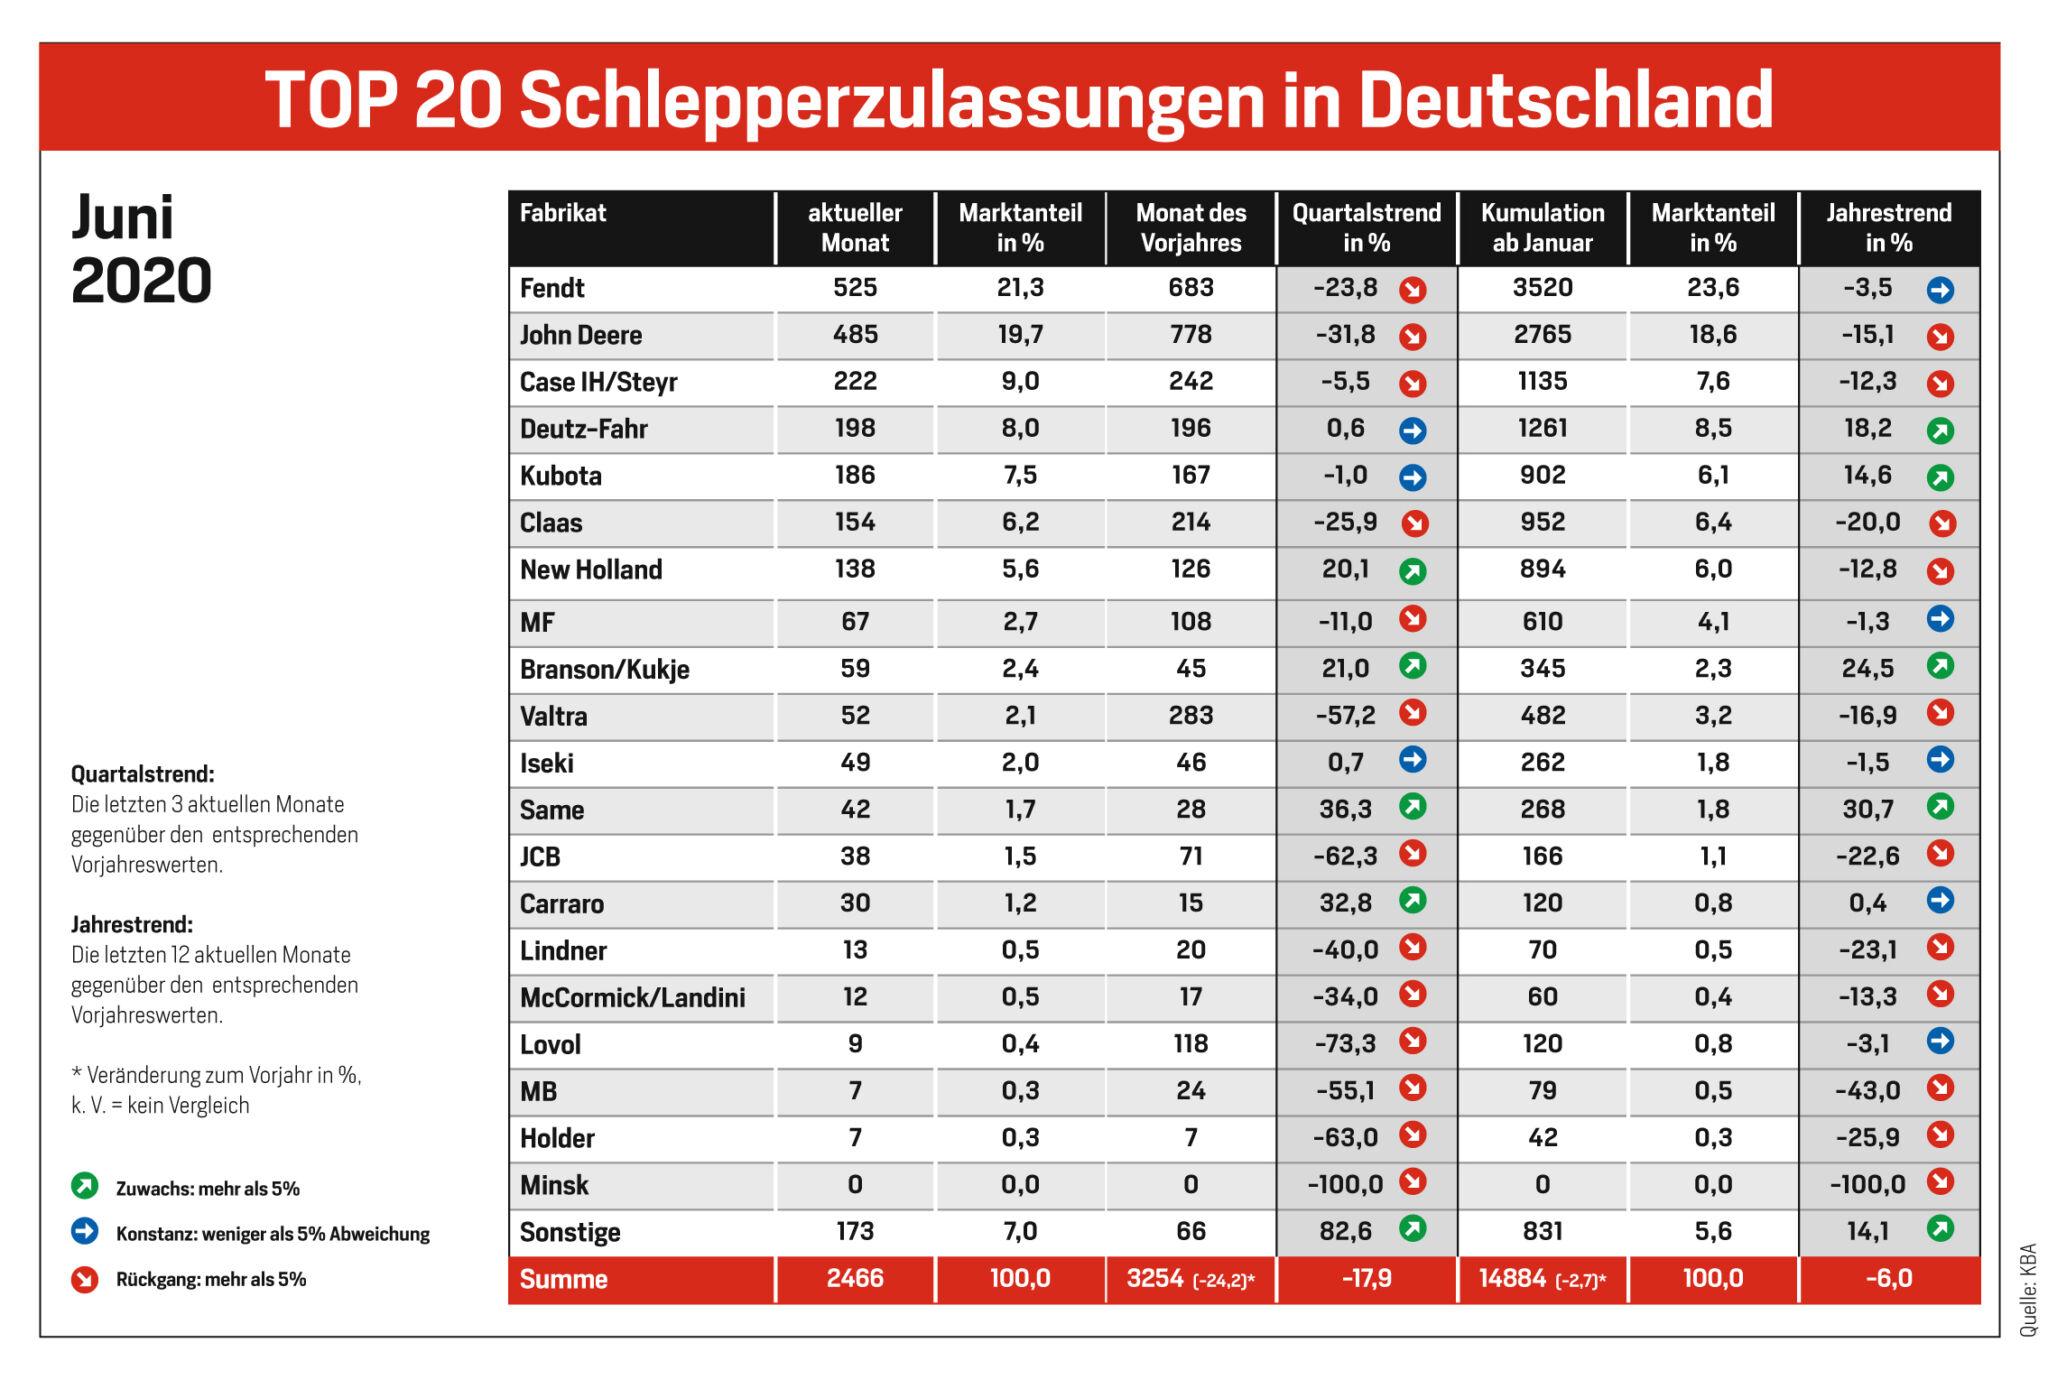 Schlepperzulassungen_Juni_2020|copyright: Redaktion AGRARTECHNIK